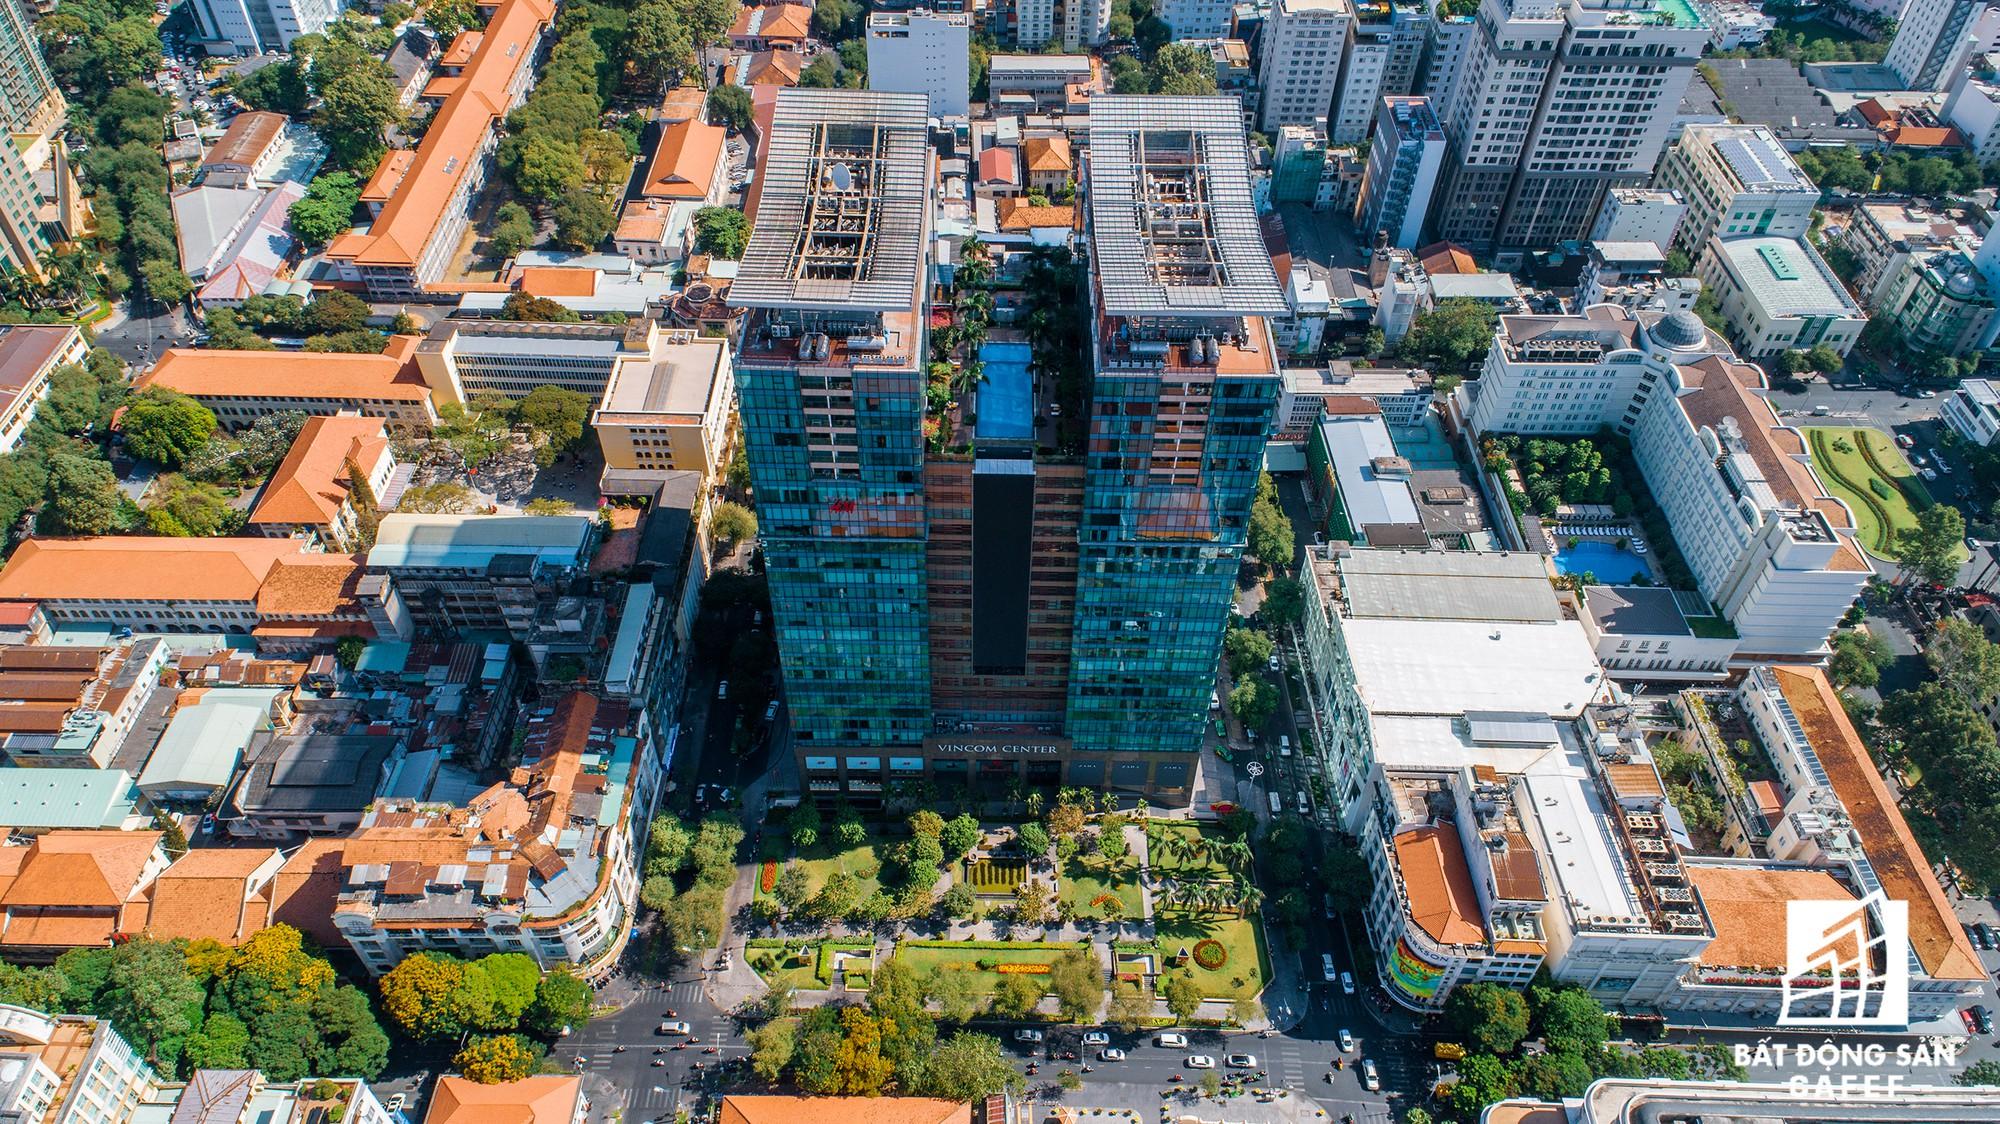 Toàn cảnh con đường có giá bất động sản đắt đỏ nhất Việt Nam, lên tới 2 tỷ đồng một m2 - Ảnh 4.